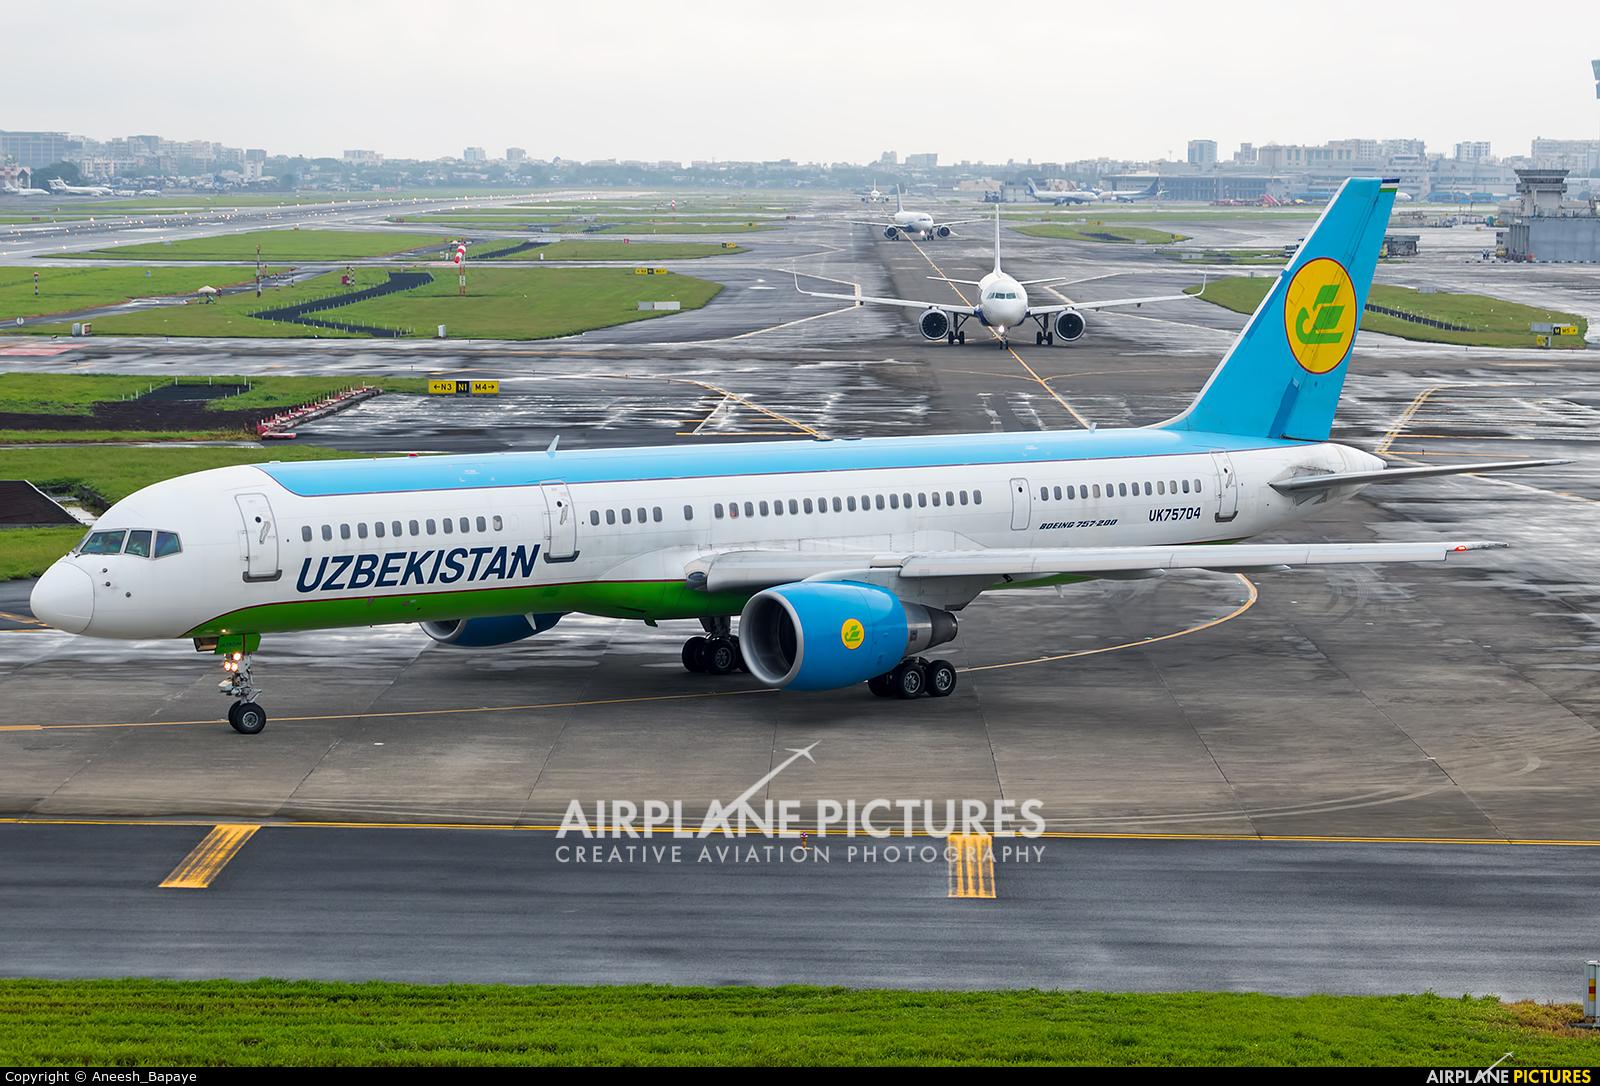 Uzbekistan Airways UK75704 aircraft at Mumbai - Chhatrapati Shivaji Intl